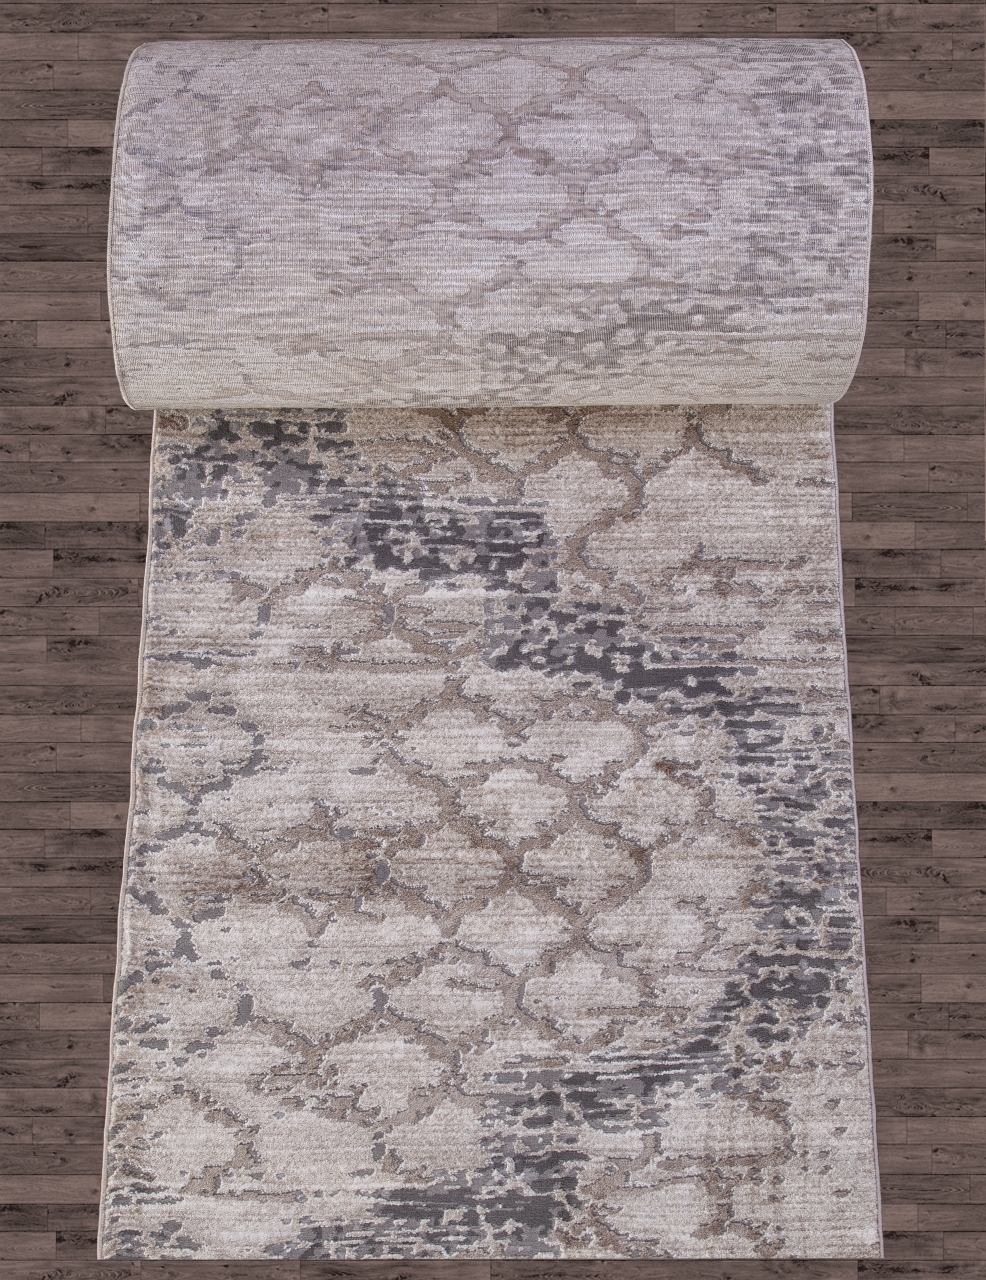 Ковровая дорожка 03806A - GREY / BROWN - коллекция ARMINA